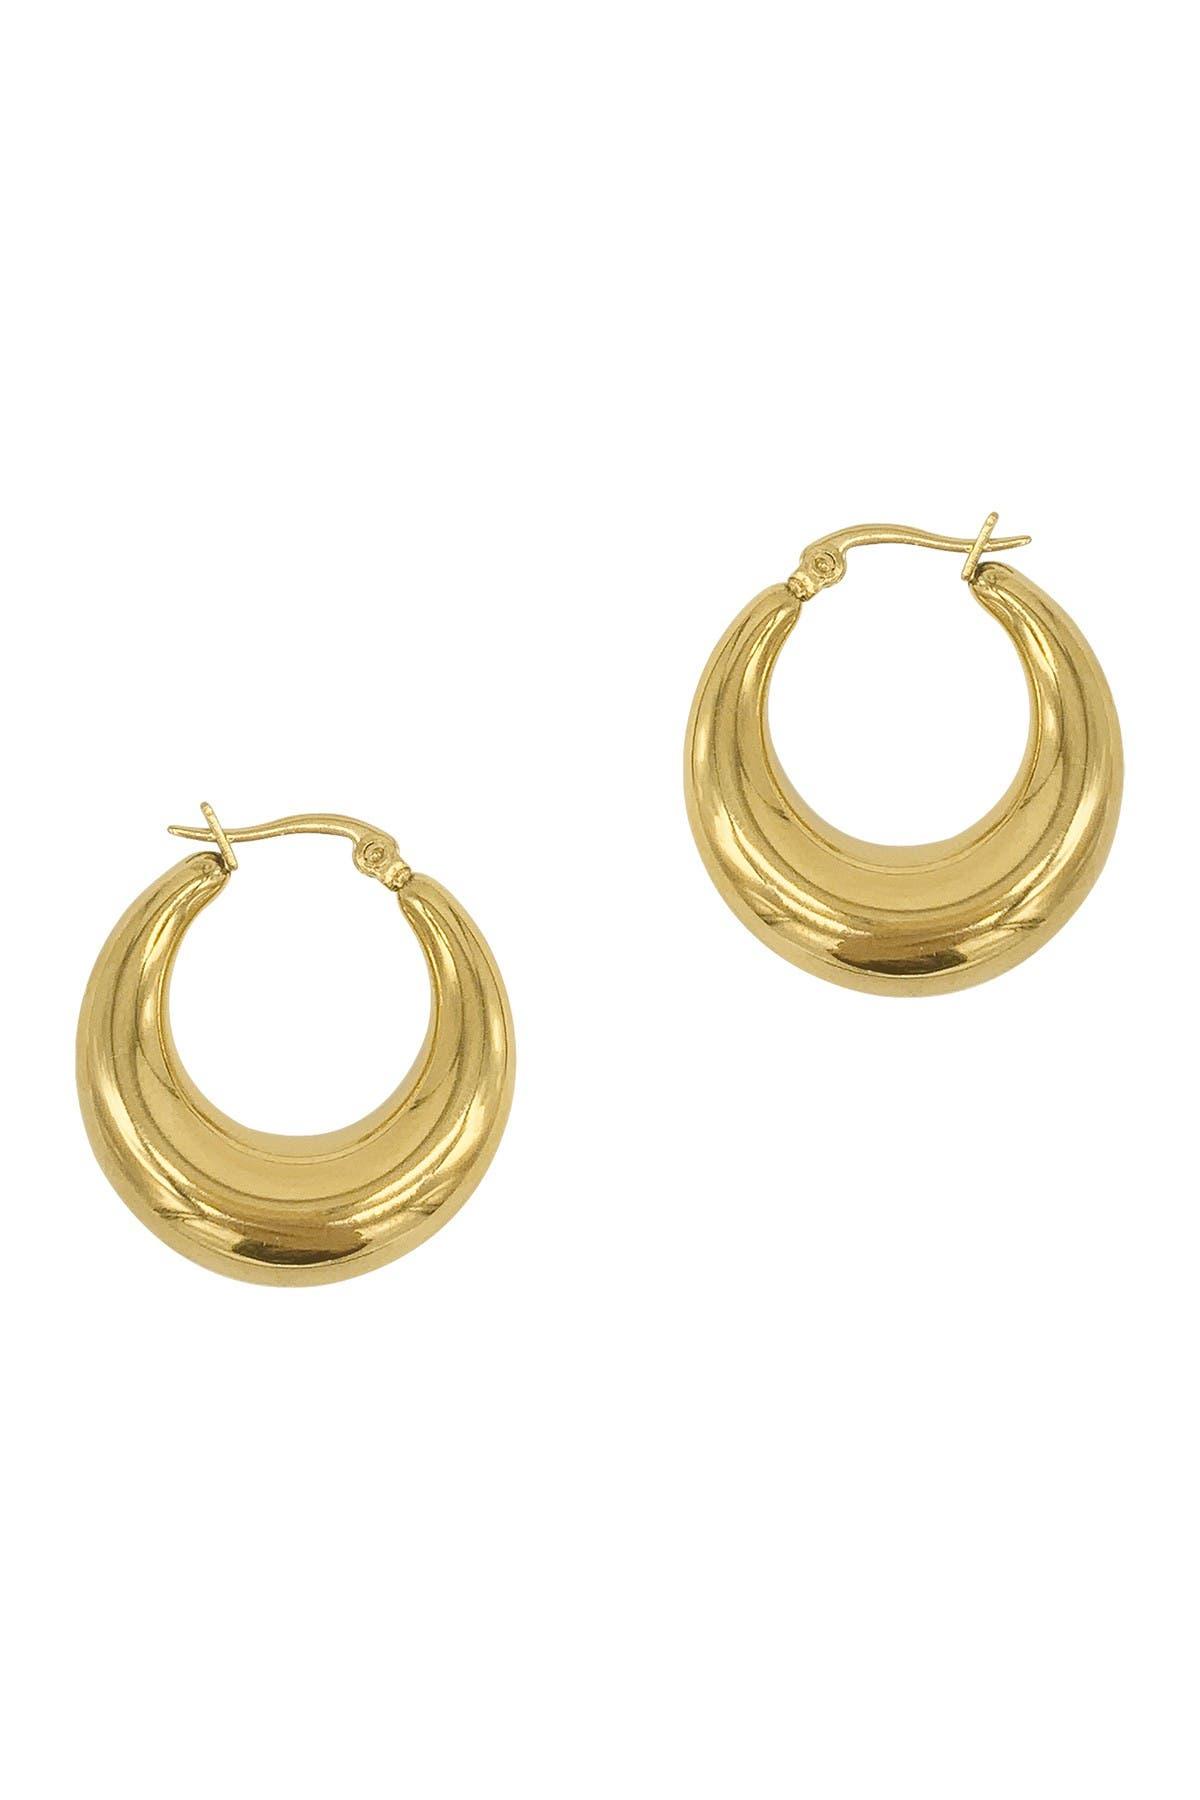 Adornia Earrings STAINLESS STEEL DOMED 25MM HOOP EARRINGS